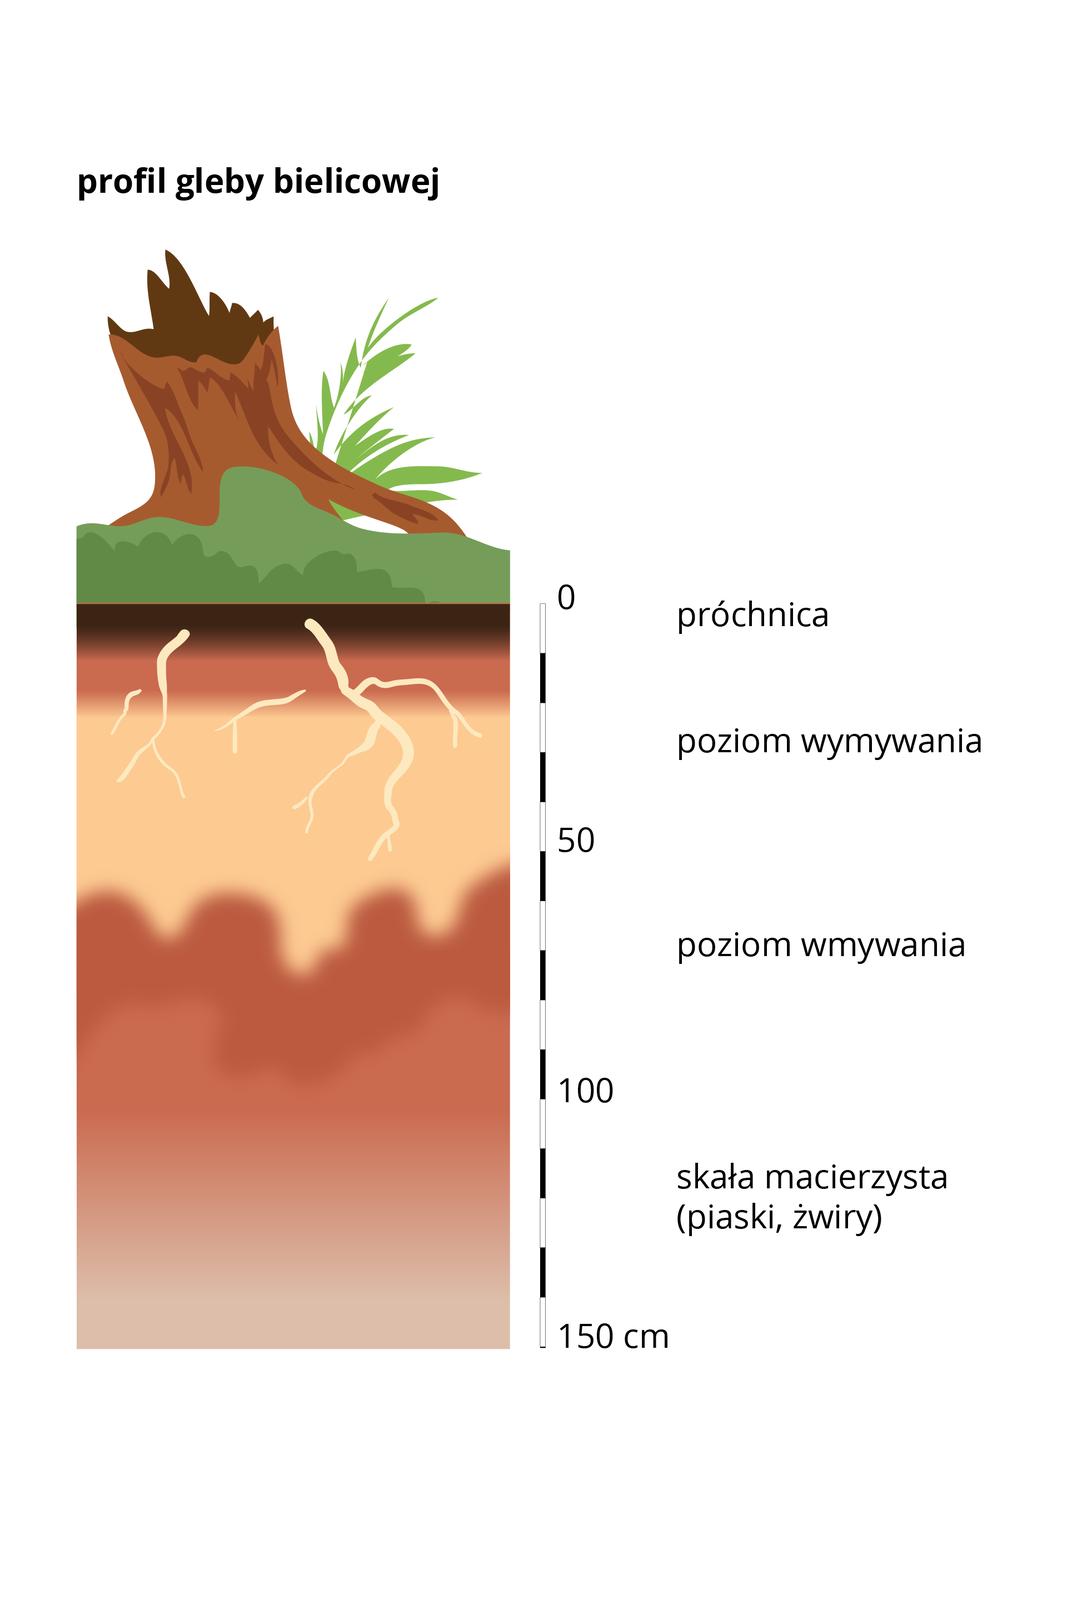 Prostokątny pas – przekrój profilu glebowego bielicy, wktórym kolorami wodcieniach brązu ibeżu przedstawiono poszczególne warstwy gleby. Dolną warstwę stanowi skała macierzysta – piaski, żwiry, awierzchnią warstwę stanowi próchnica. Zprawej strony umieszczono podziałkę iopisano wysokość wcentymetrach.